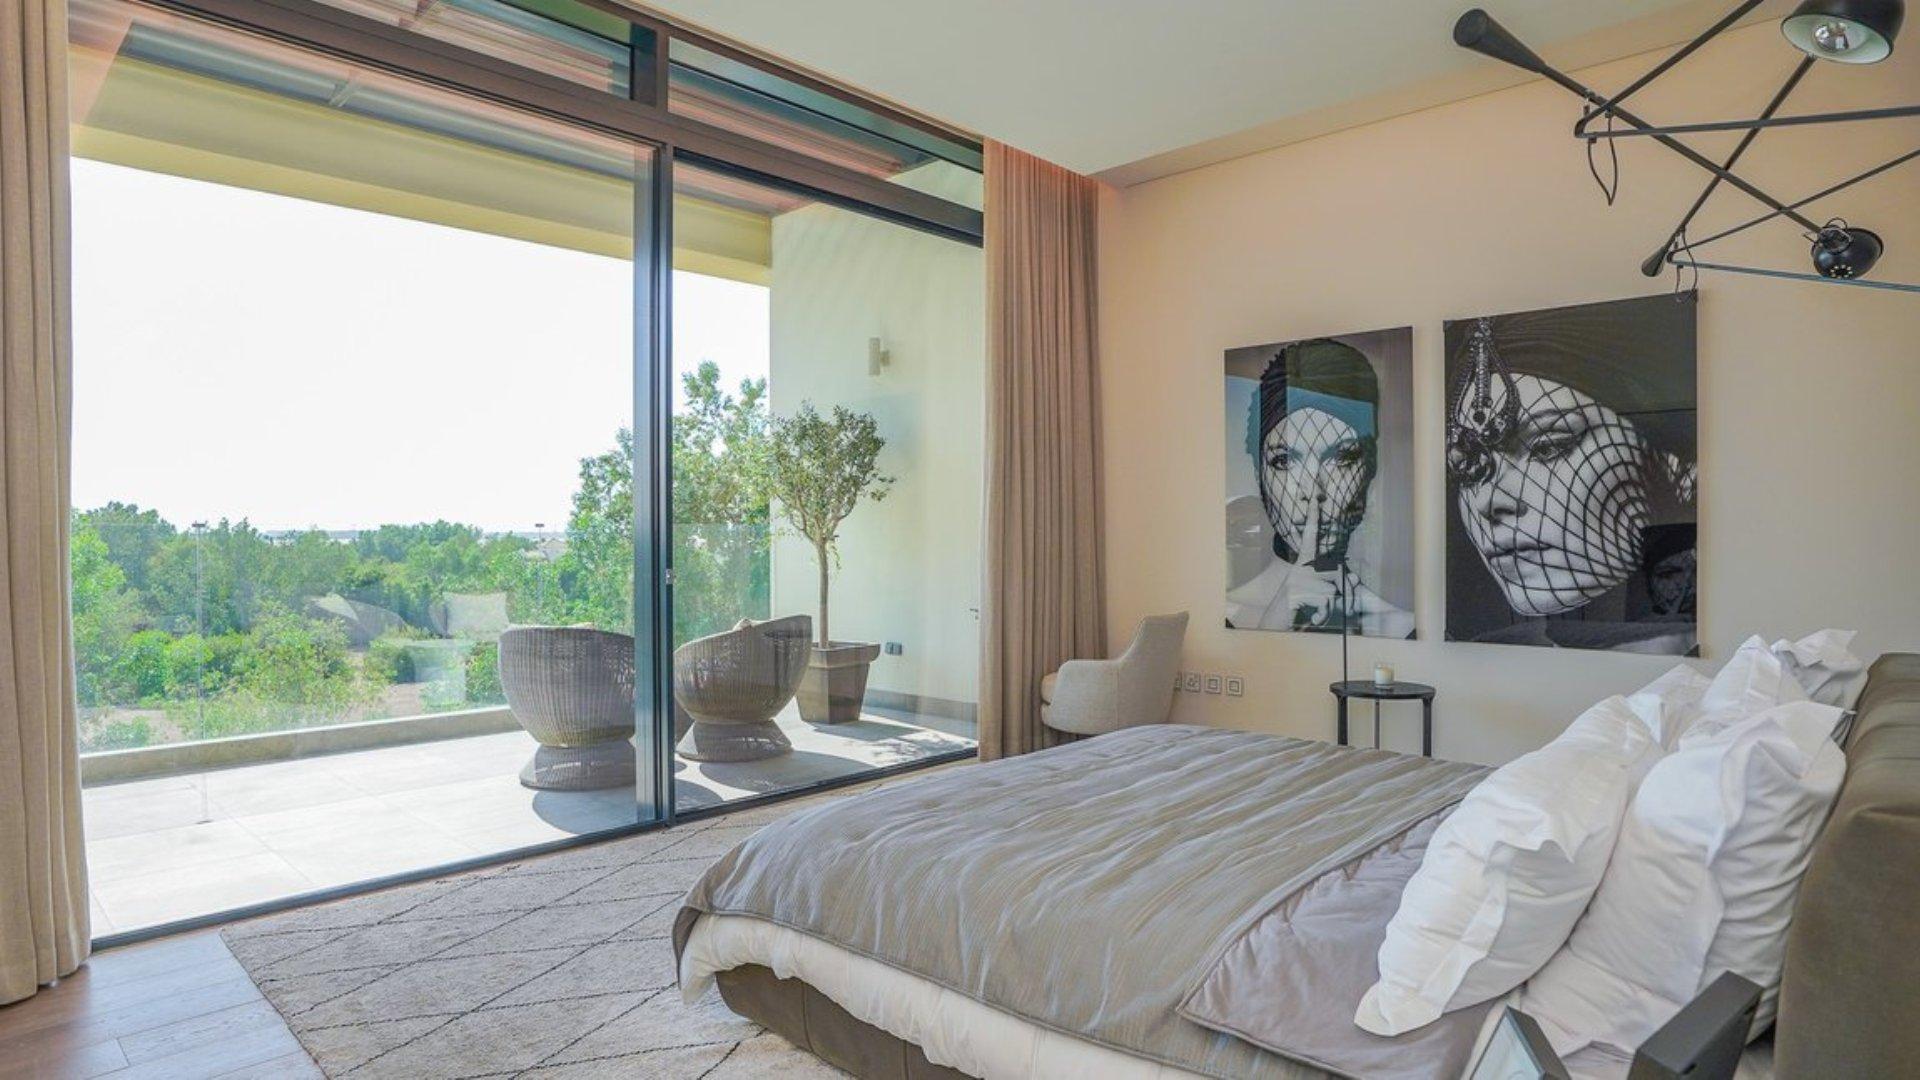 Villa en venta en Dubai, EAU, 6 dormitorios, 1117 m2, № 24250 – foto 2